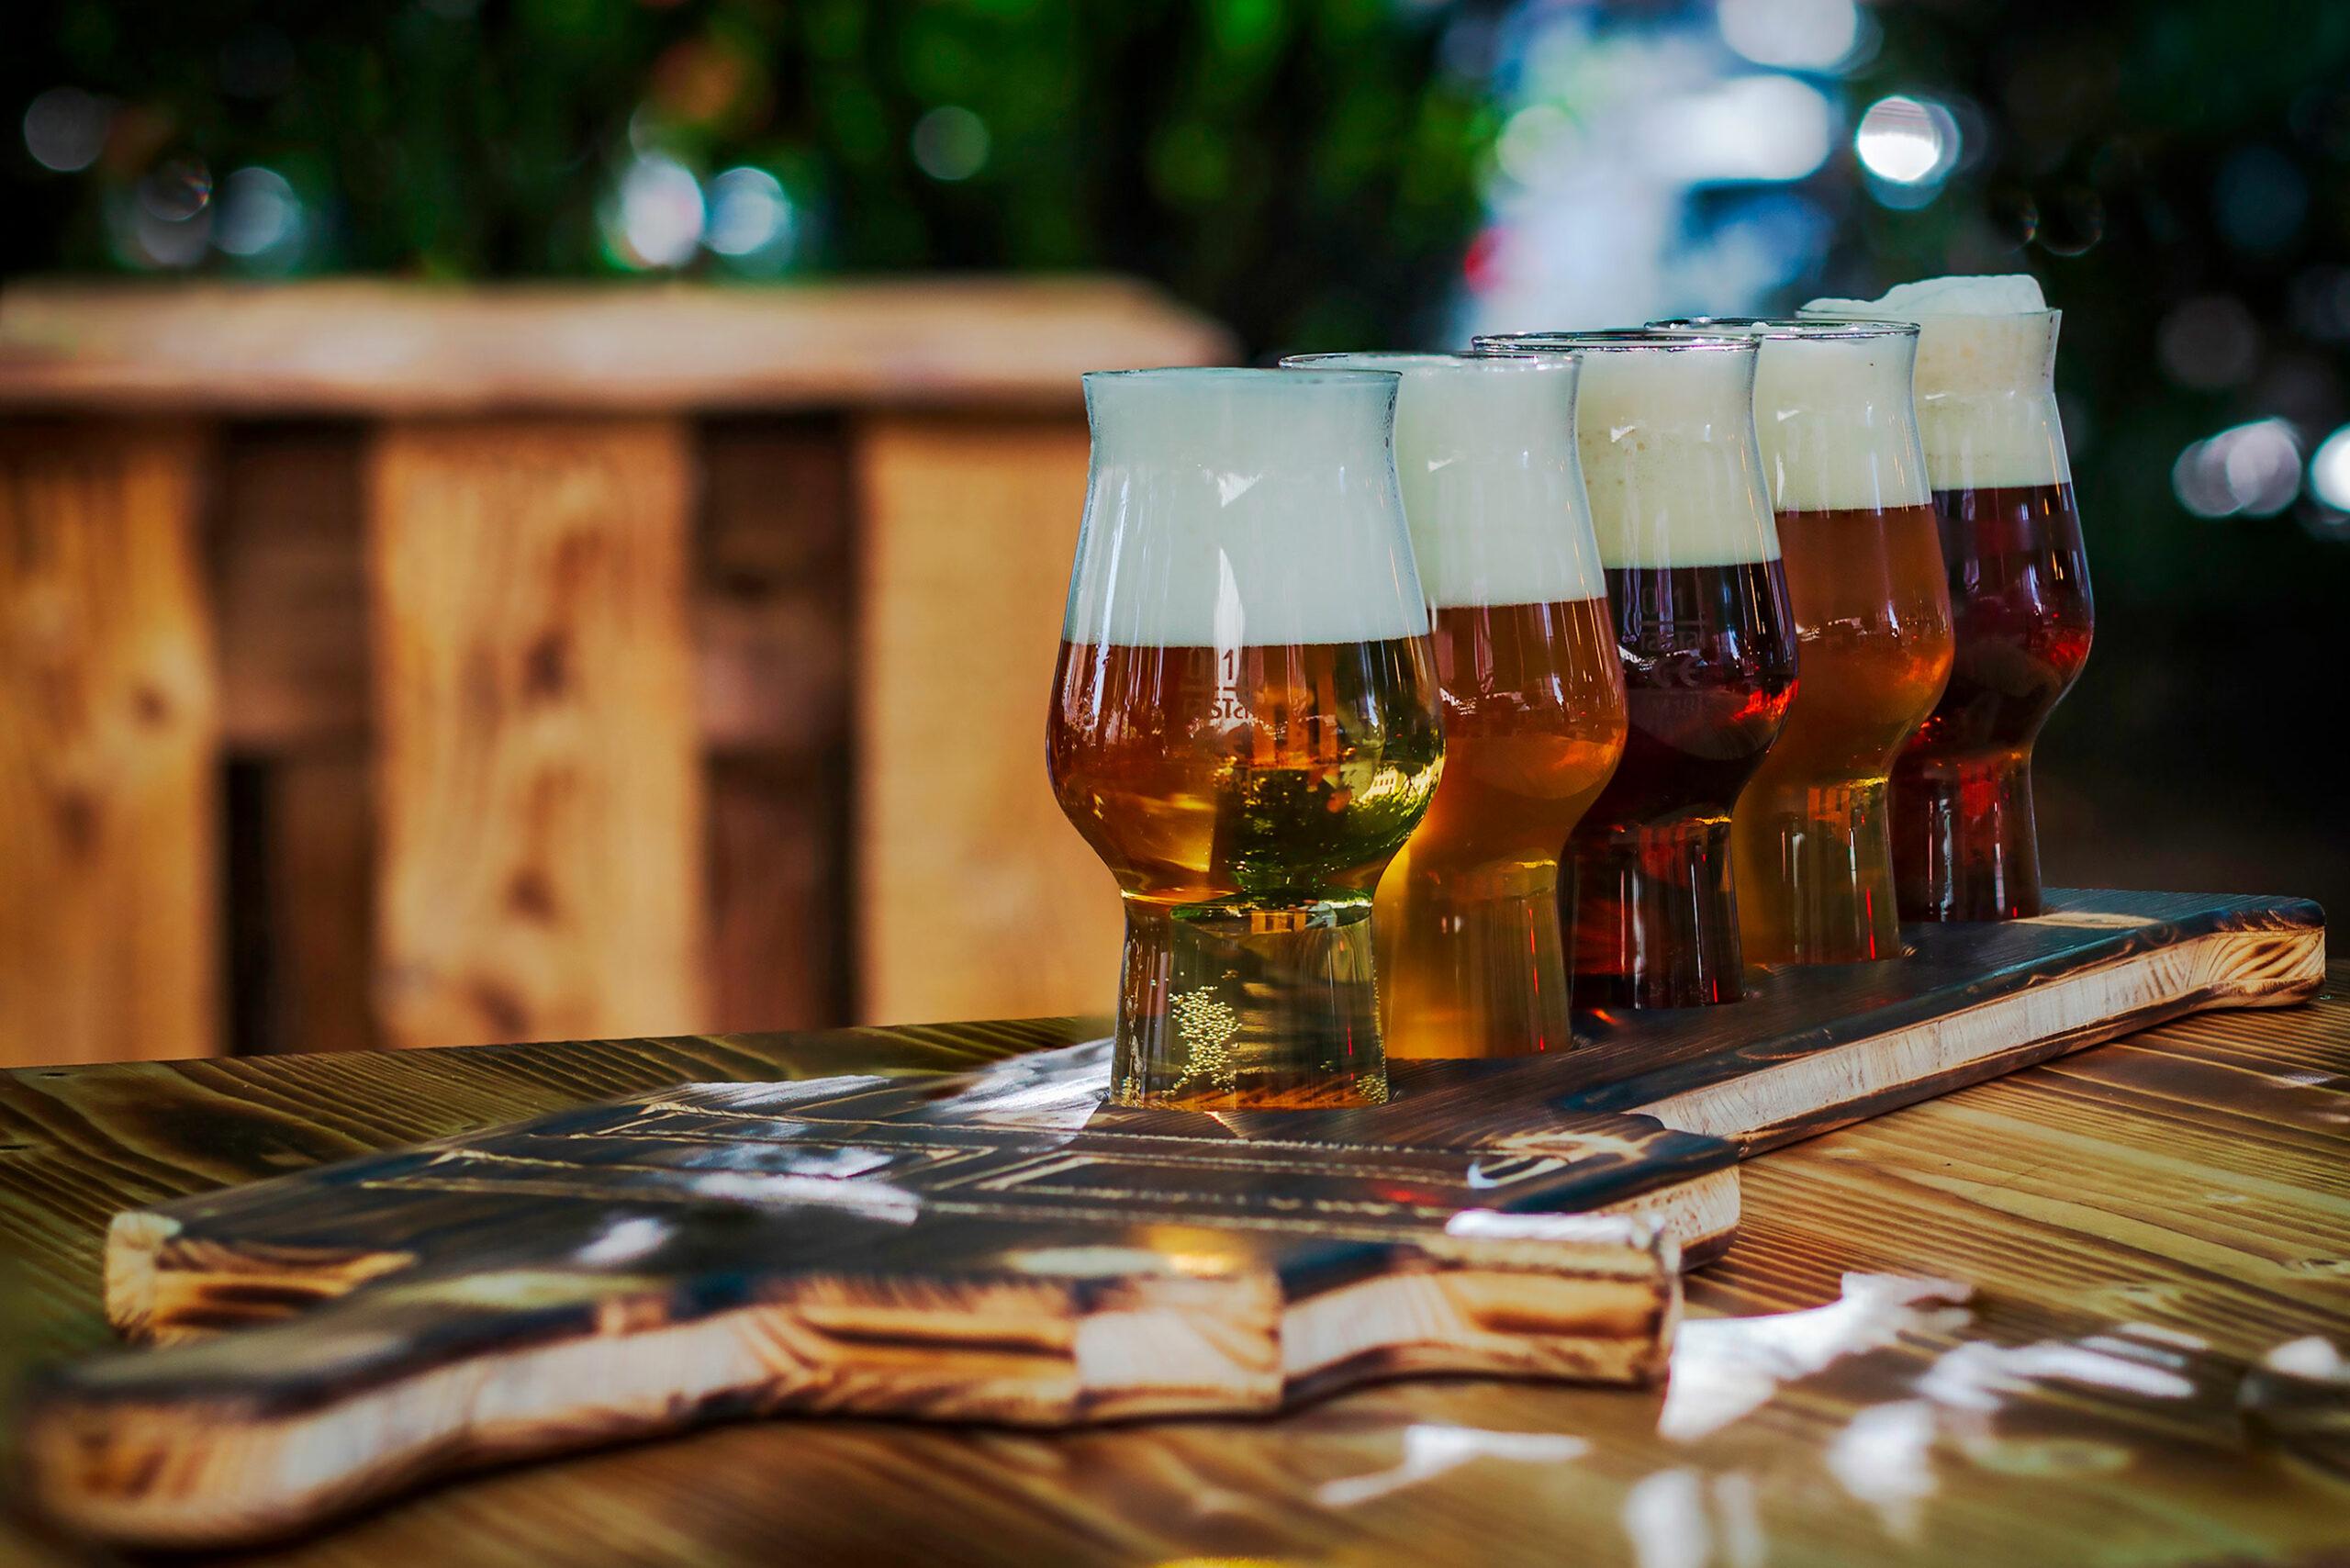 Bierverkostung (Biertasting) in der Hövels Hausbrauerei - Innenstadt Dortmund